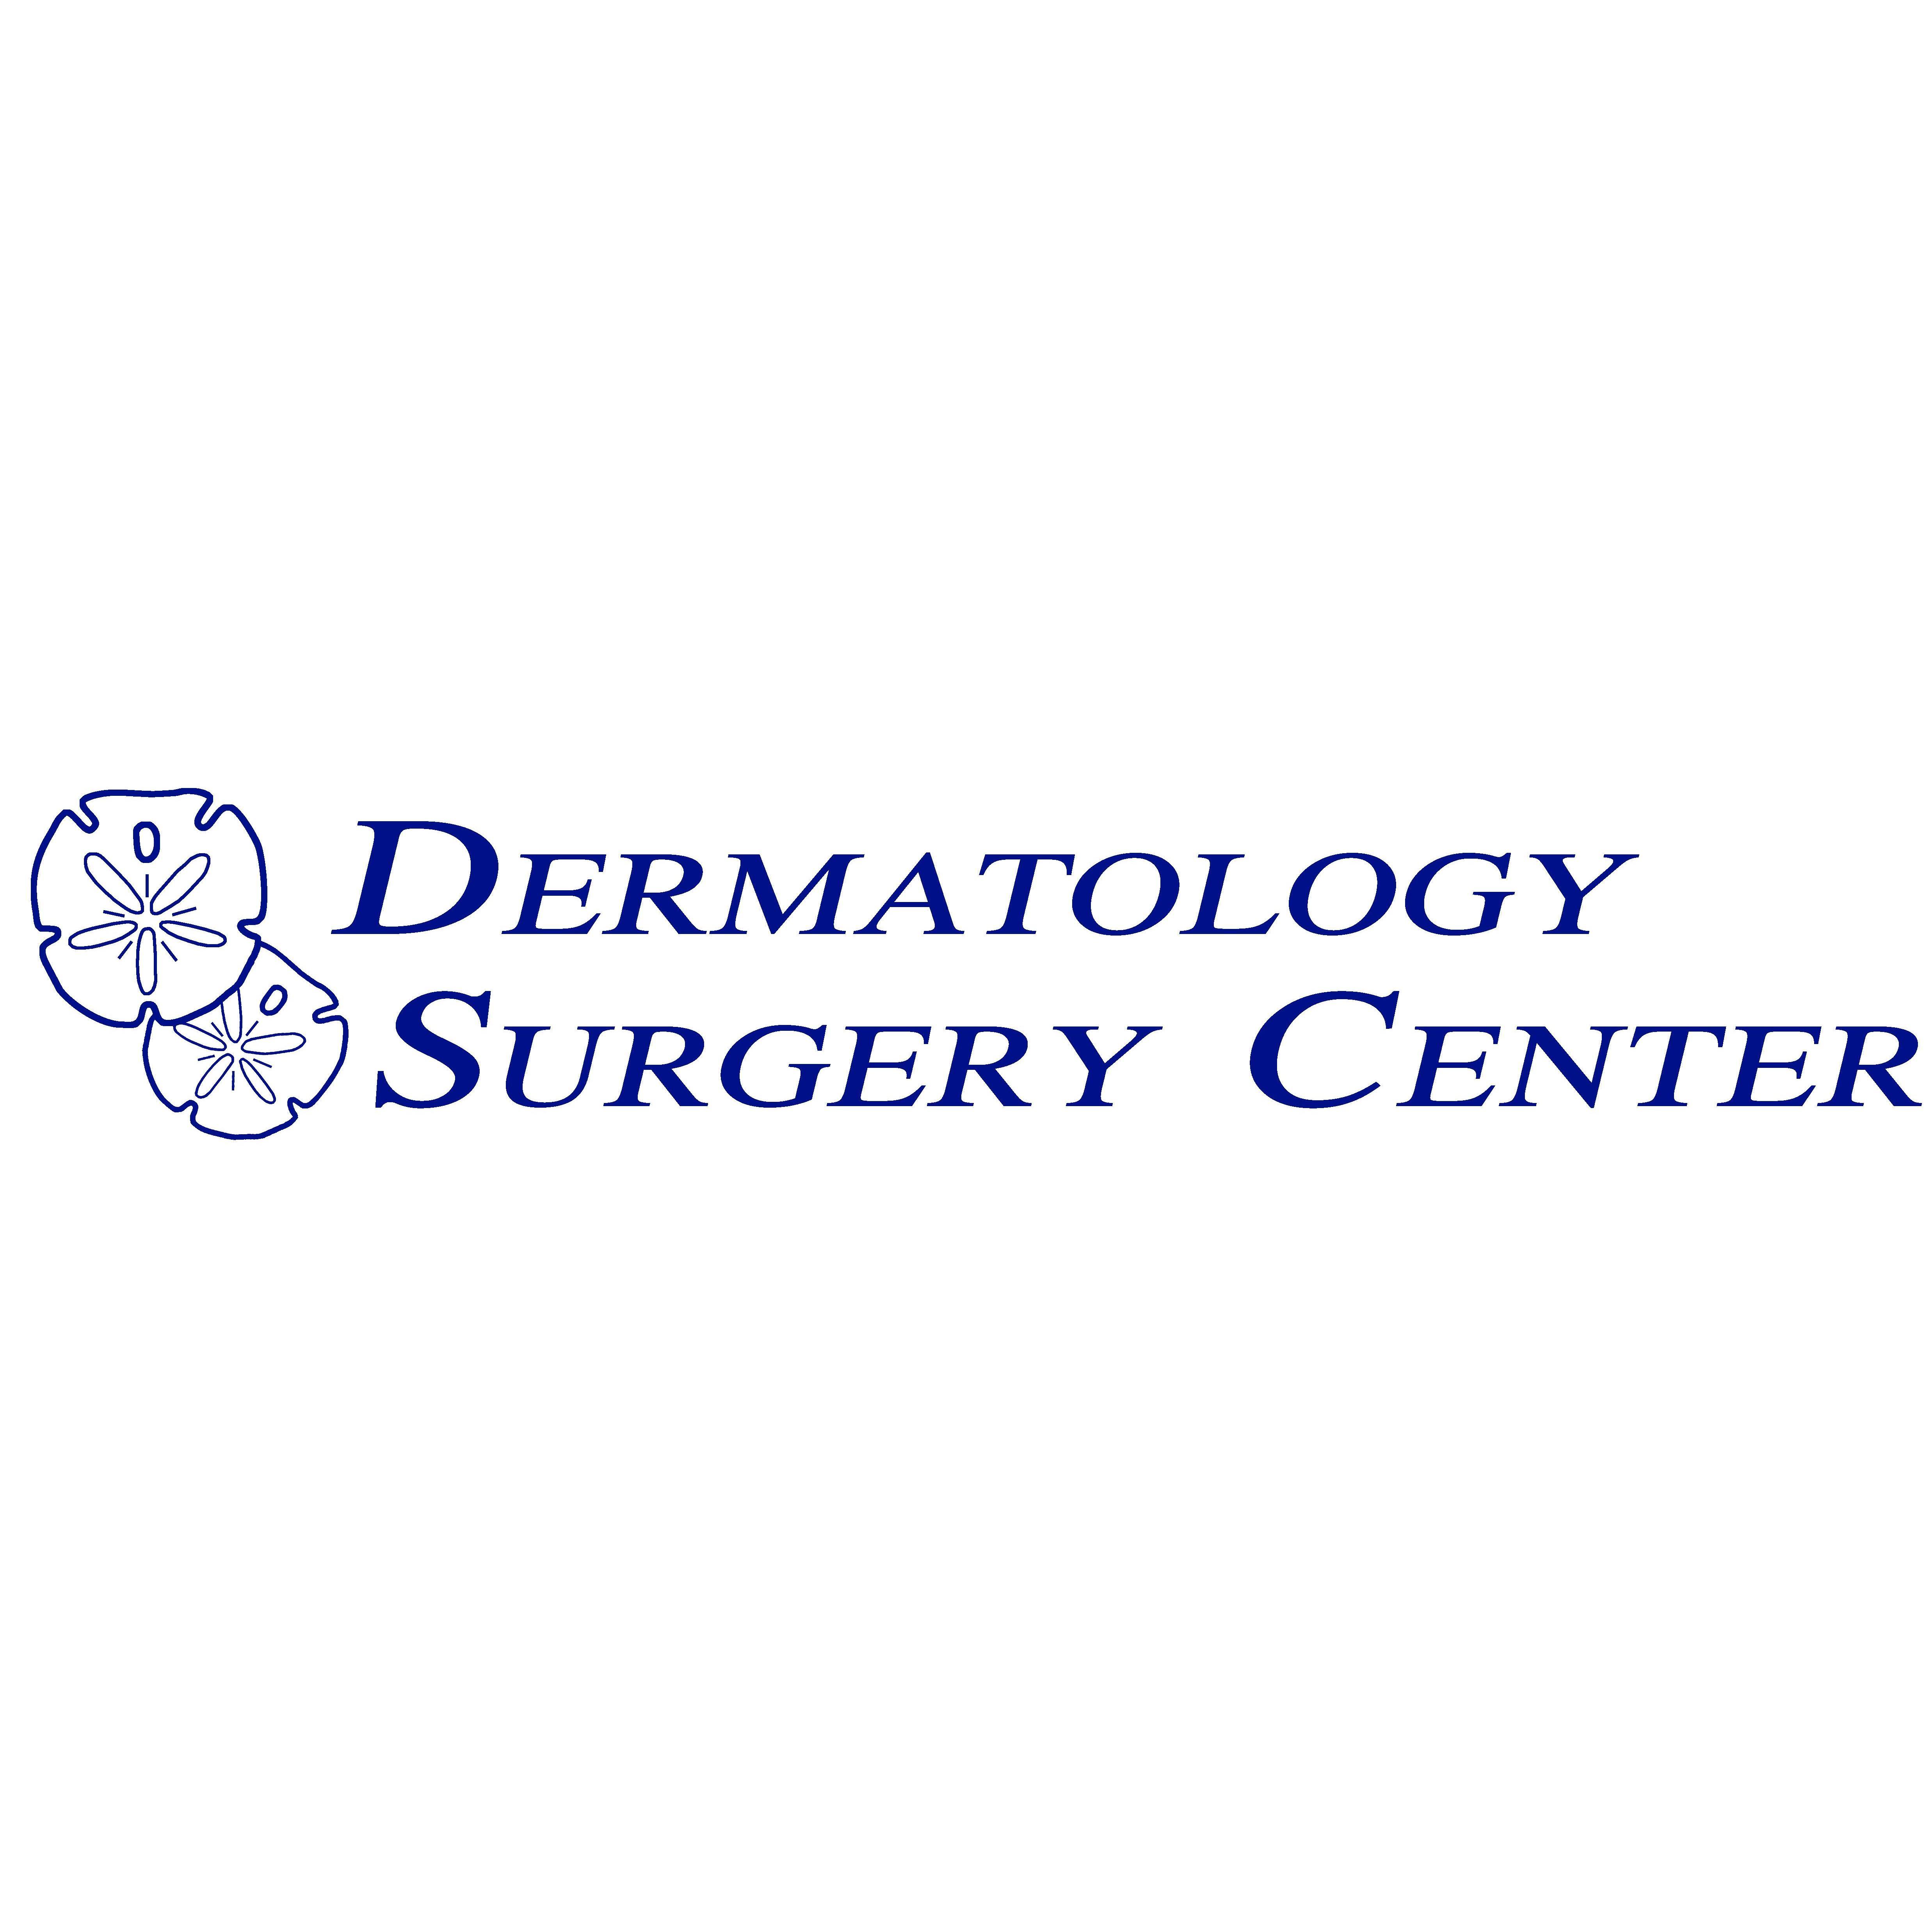 Dermatology Surgery Center